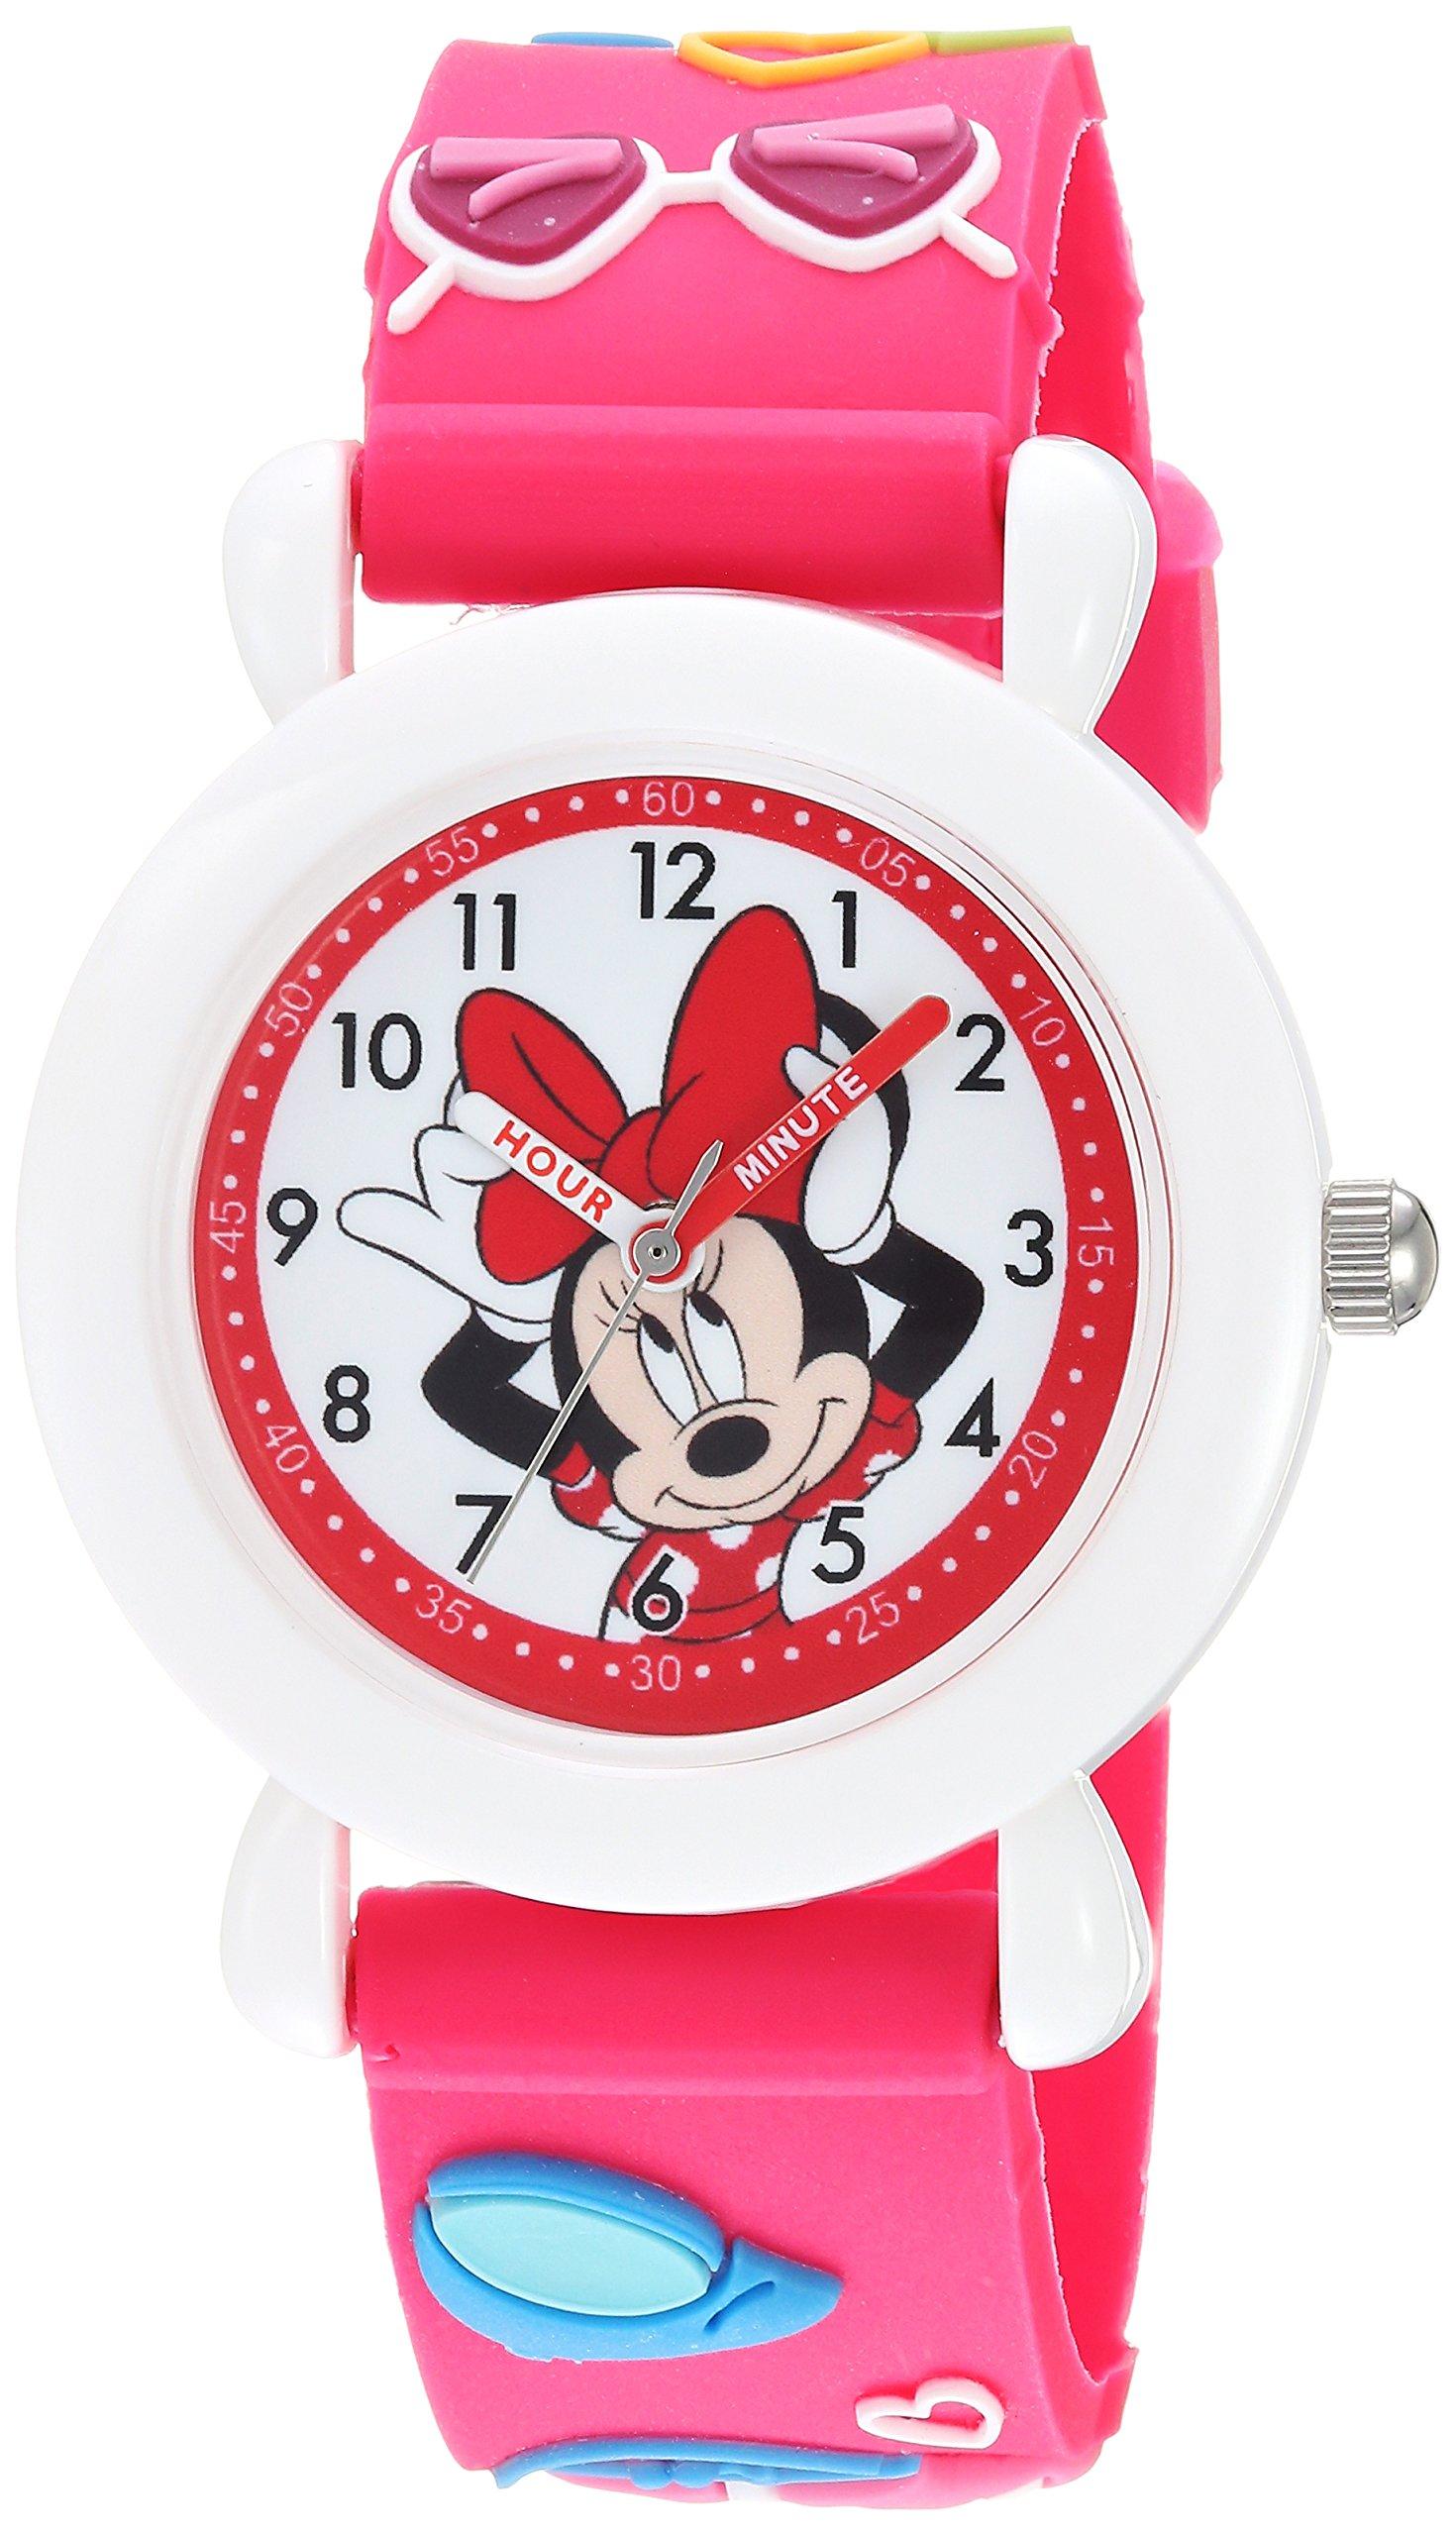 DISNEY Girls Minnie Mouse Analog-Quartz Watch